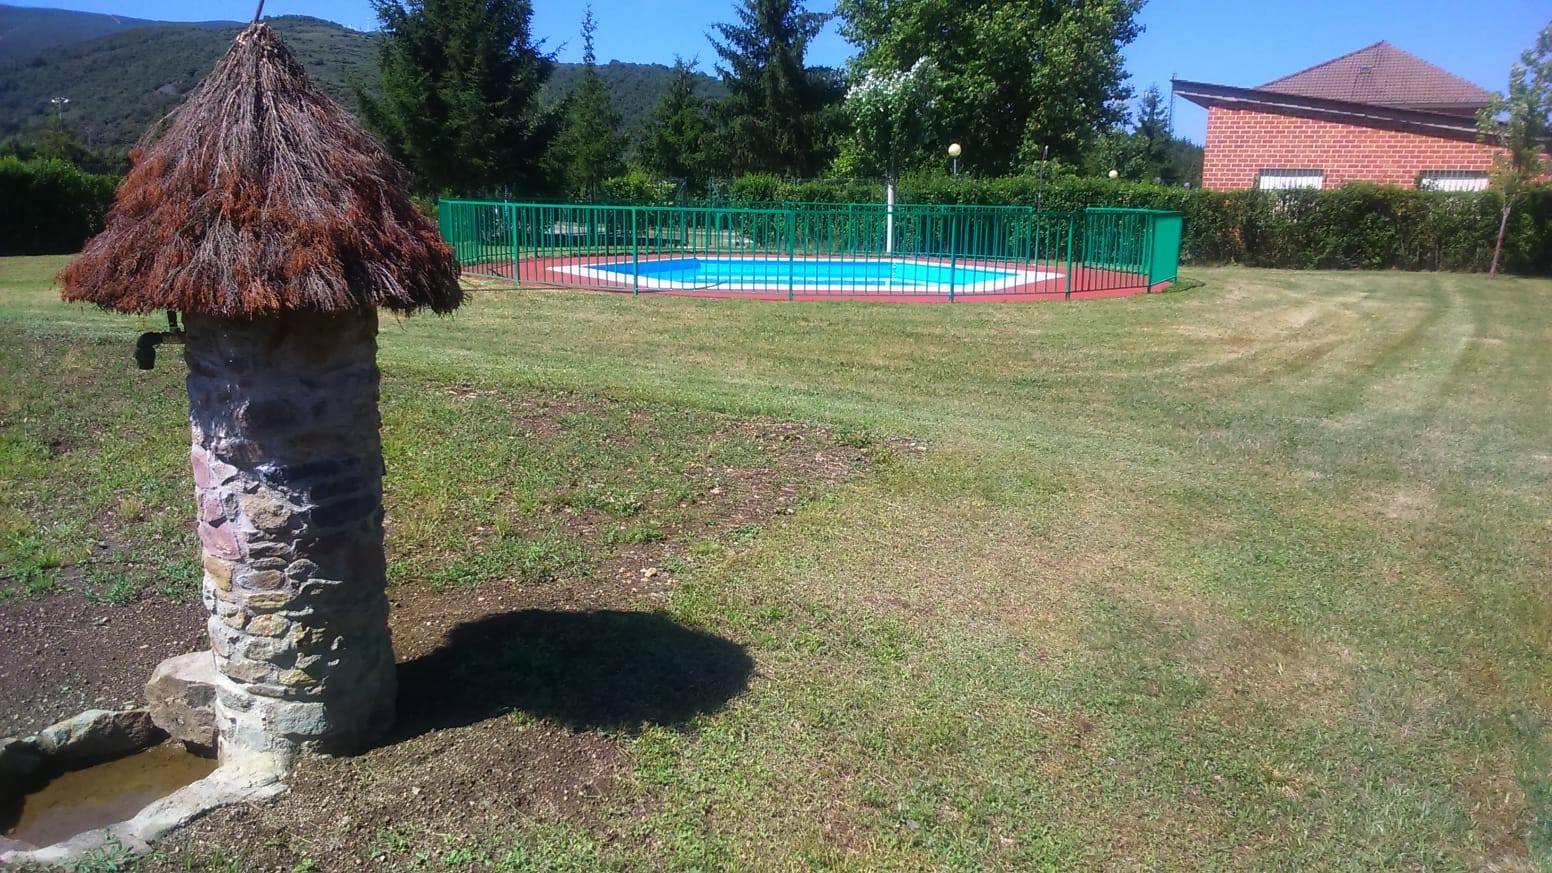 Especial piscinas que no te puedes perder en El Bierzo este verano 23